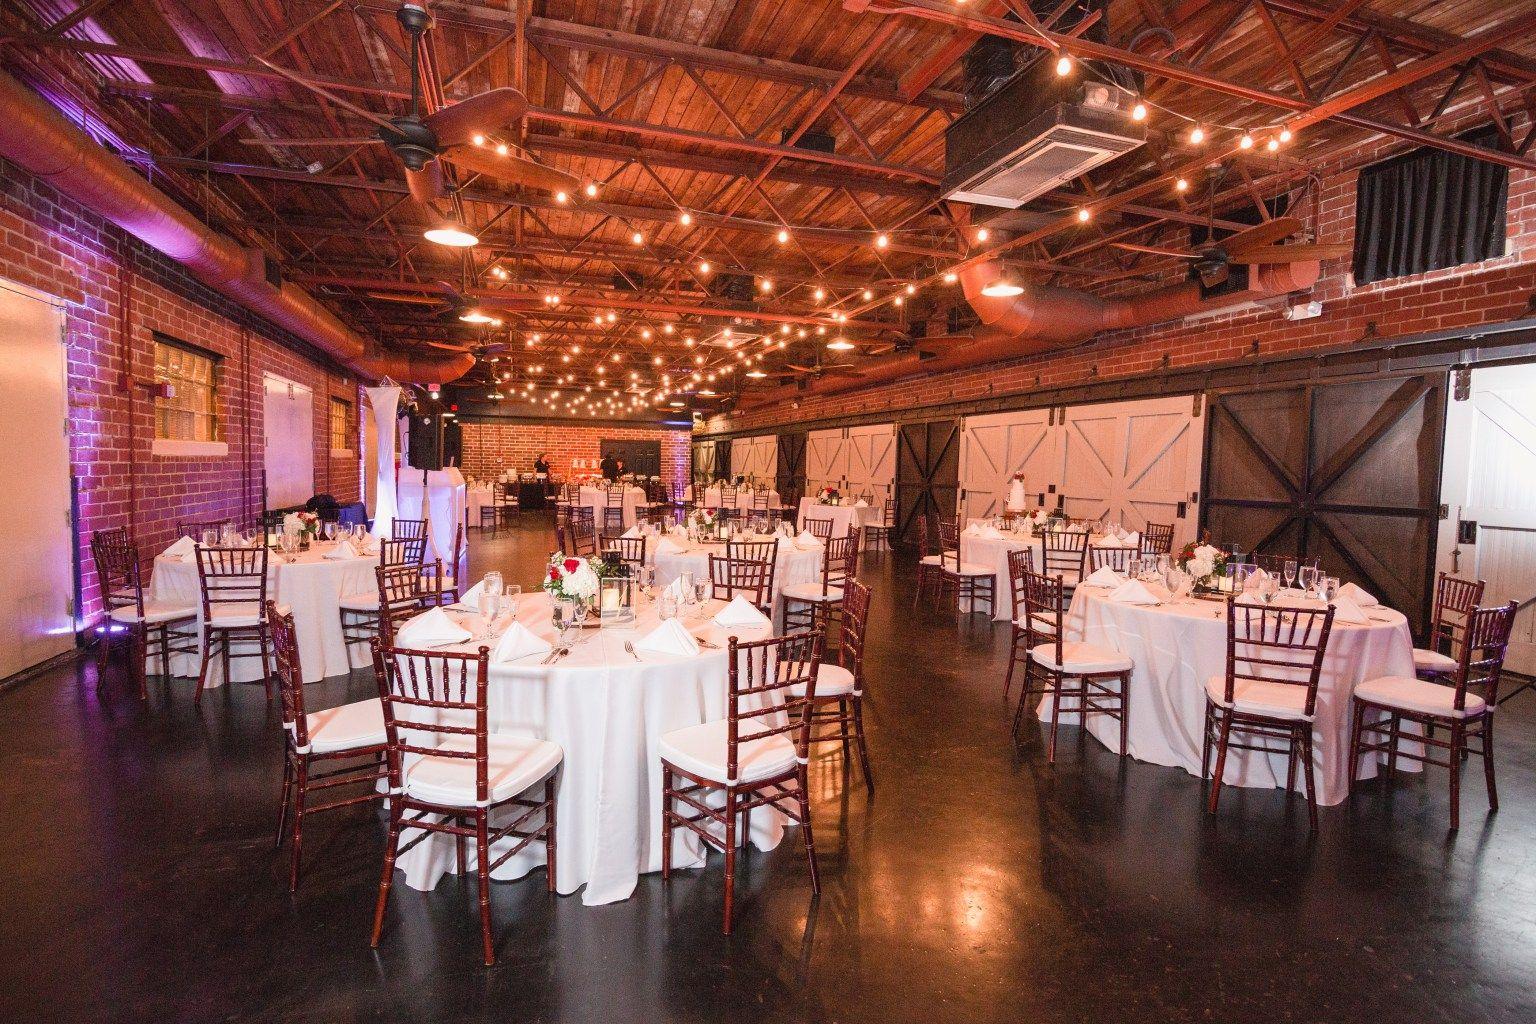 Winter Park Wedding Plan It Events Orlando Wedding Planner Orlando Wedding Planner Florida Wedding Venues Wedding Marketing